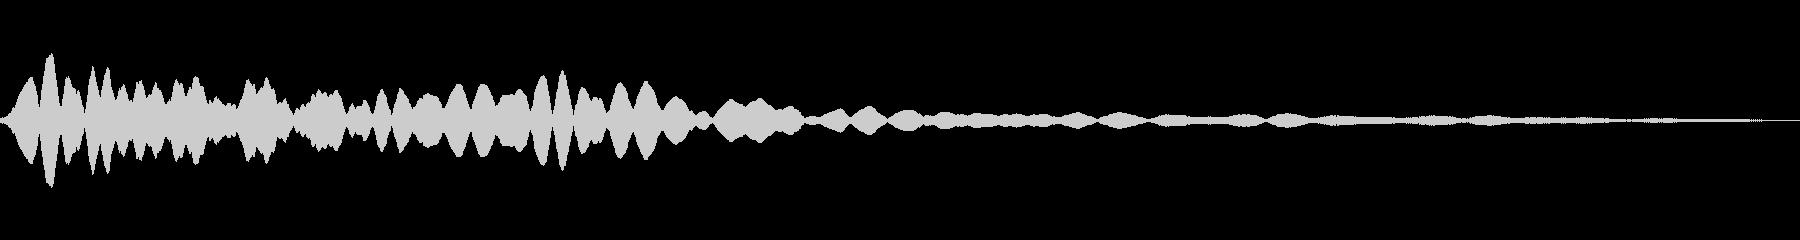 ピュゥゥゥゥ(落ちる・下がる)の未再生の波形